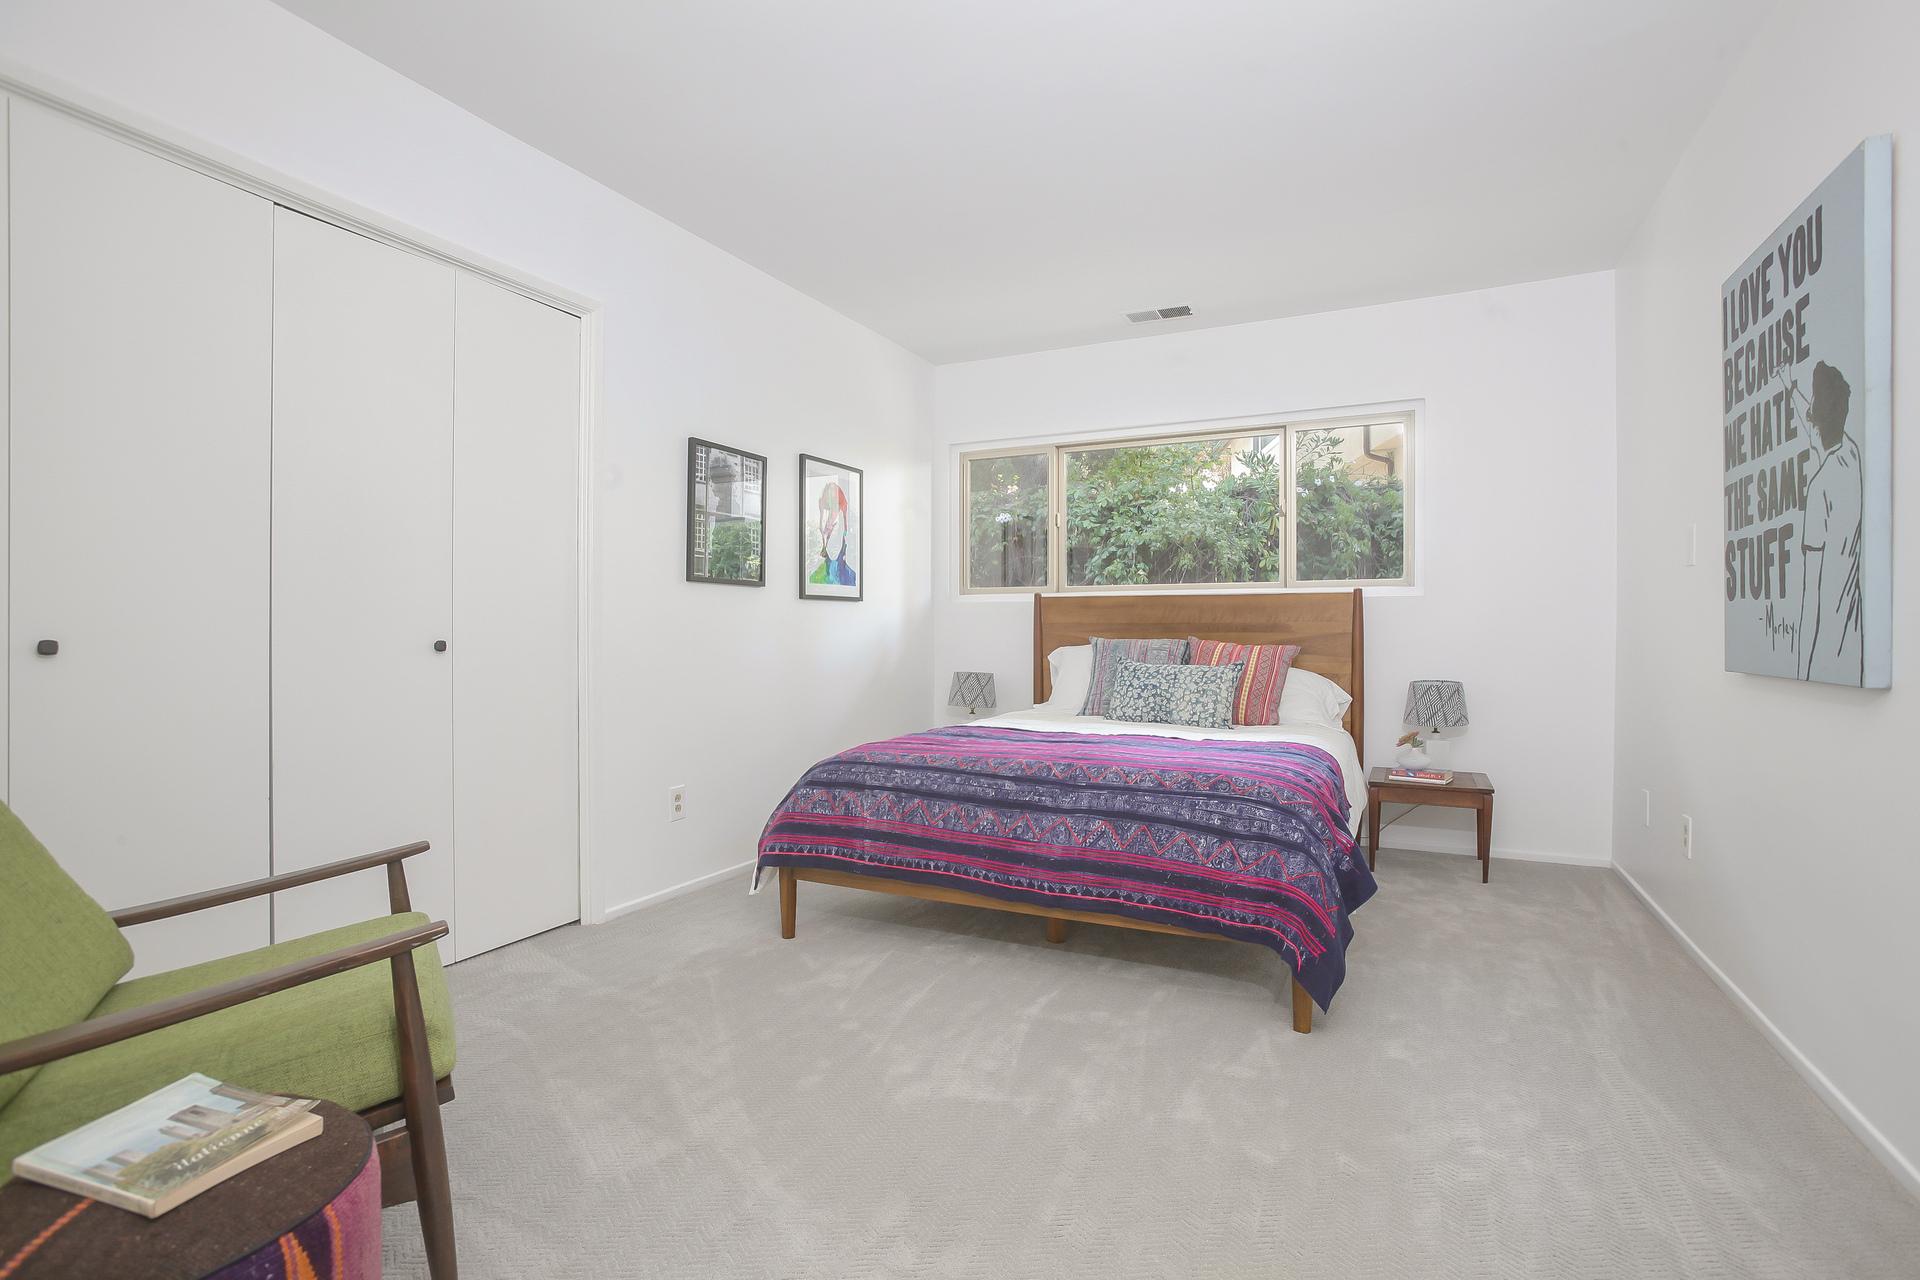 023-1st_Bedroom_next_to_laundry_room-4443090-medium.jpg